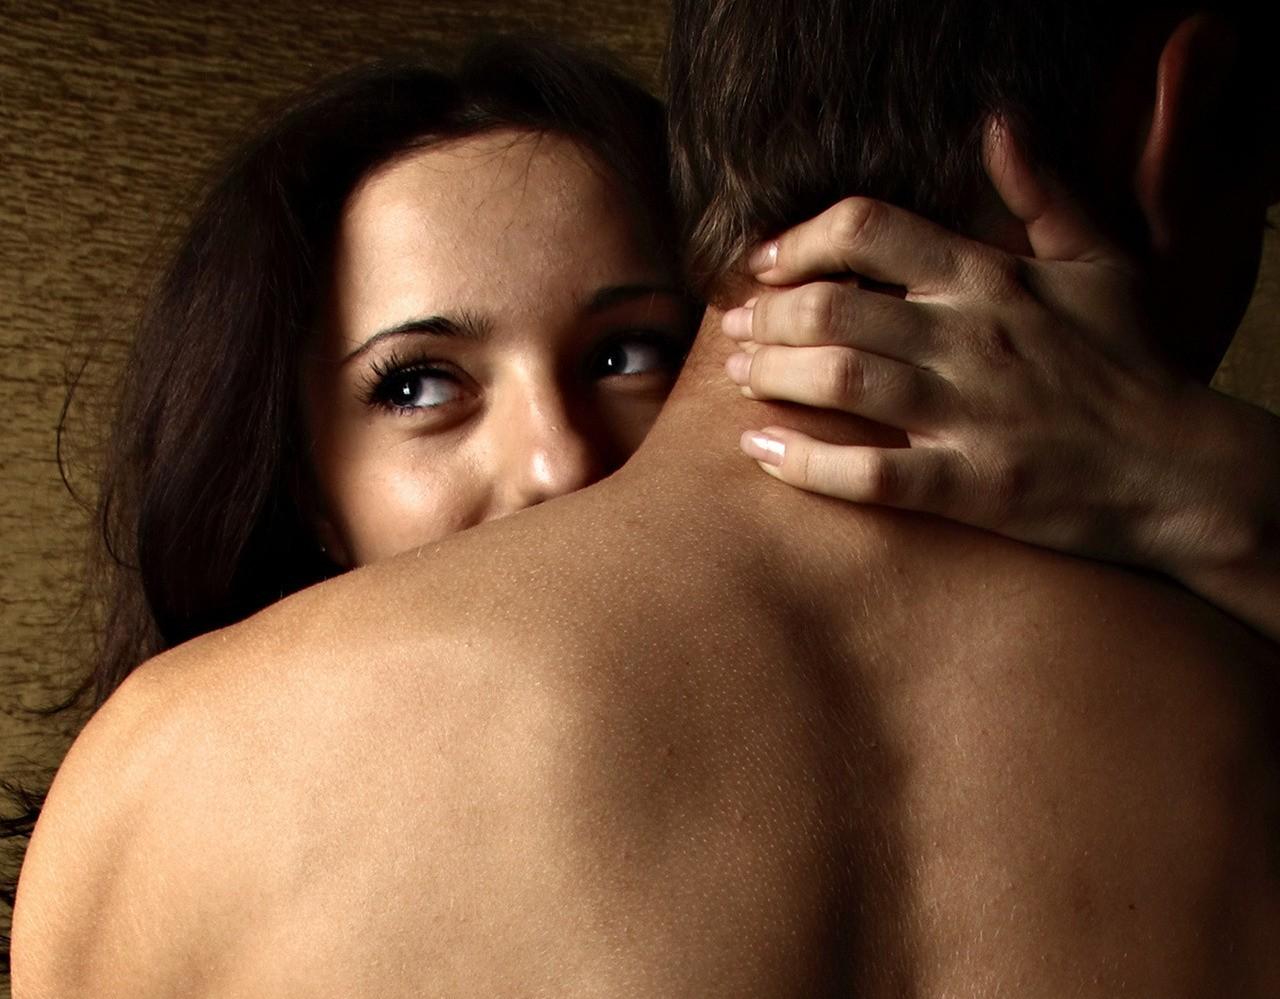 Задницы порно картинки парни секс взяла